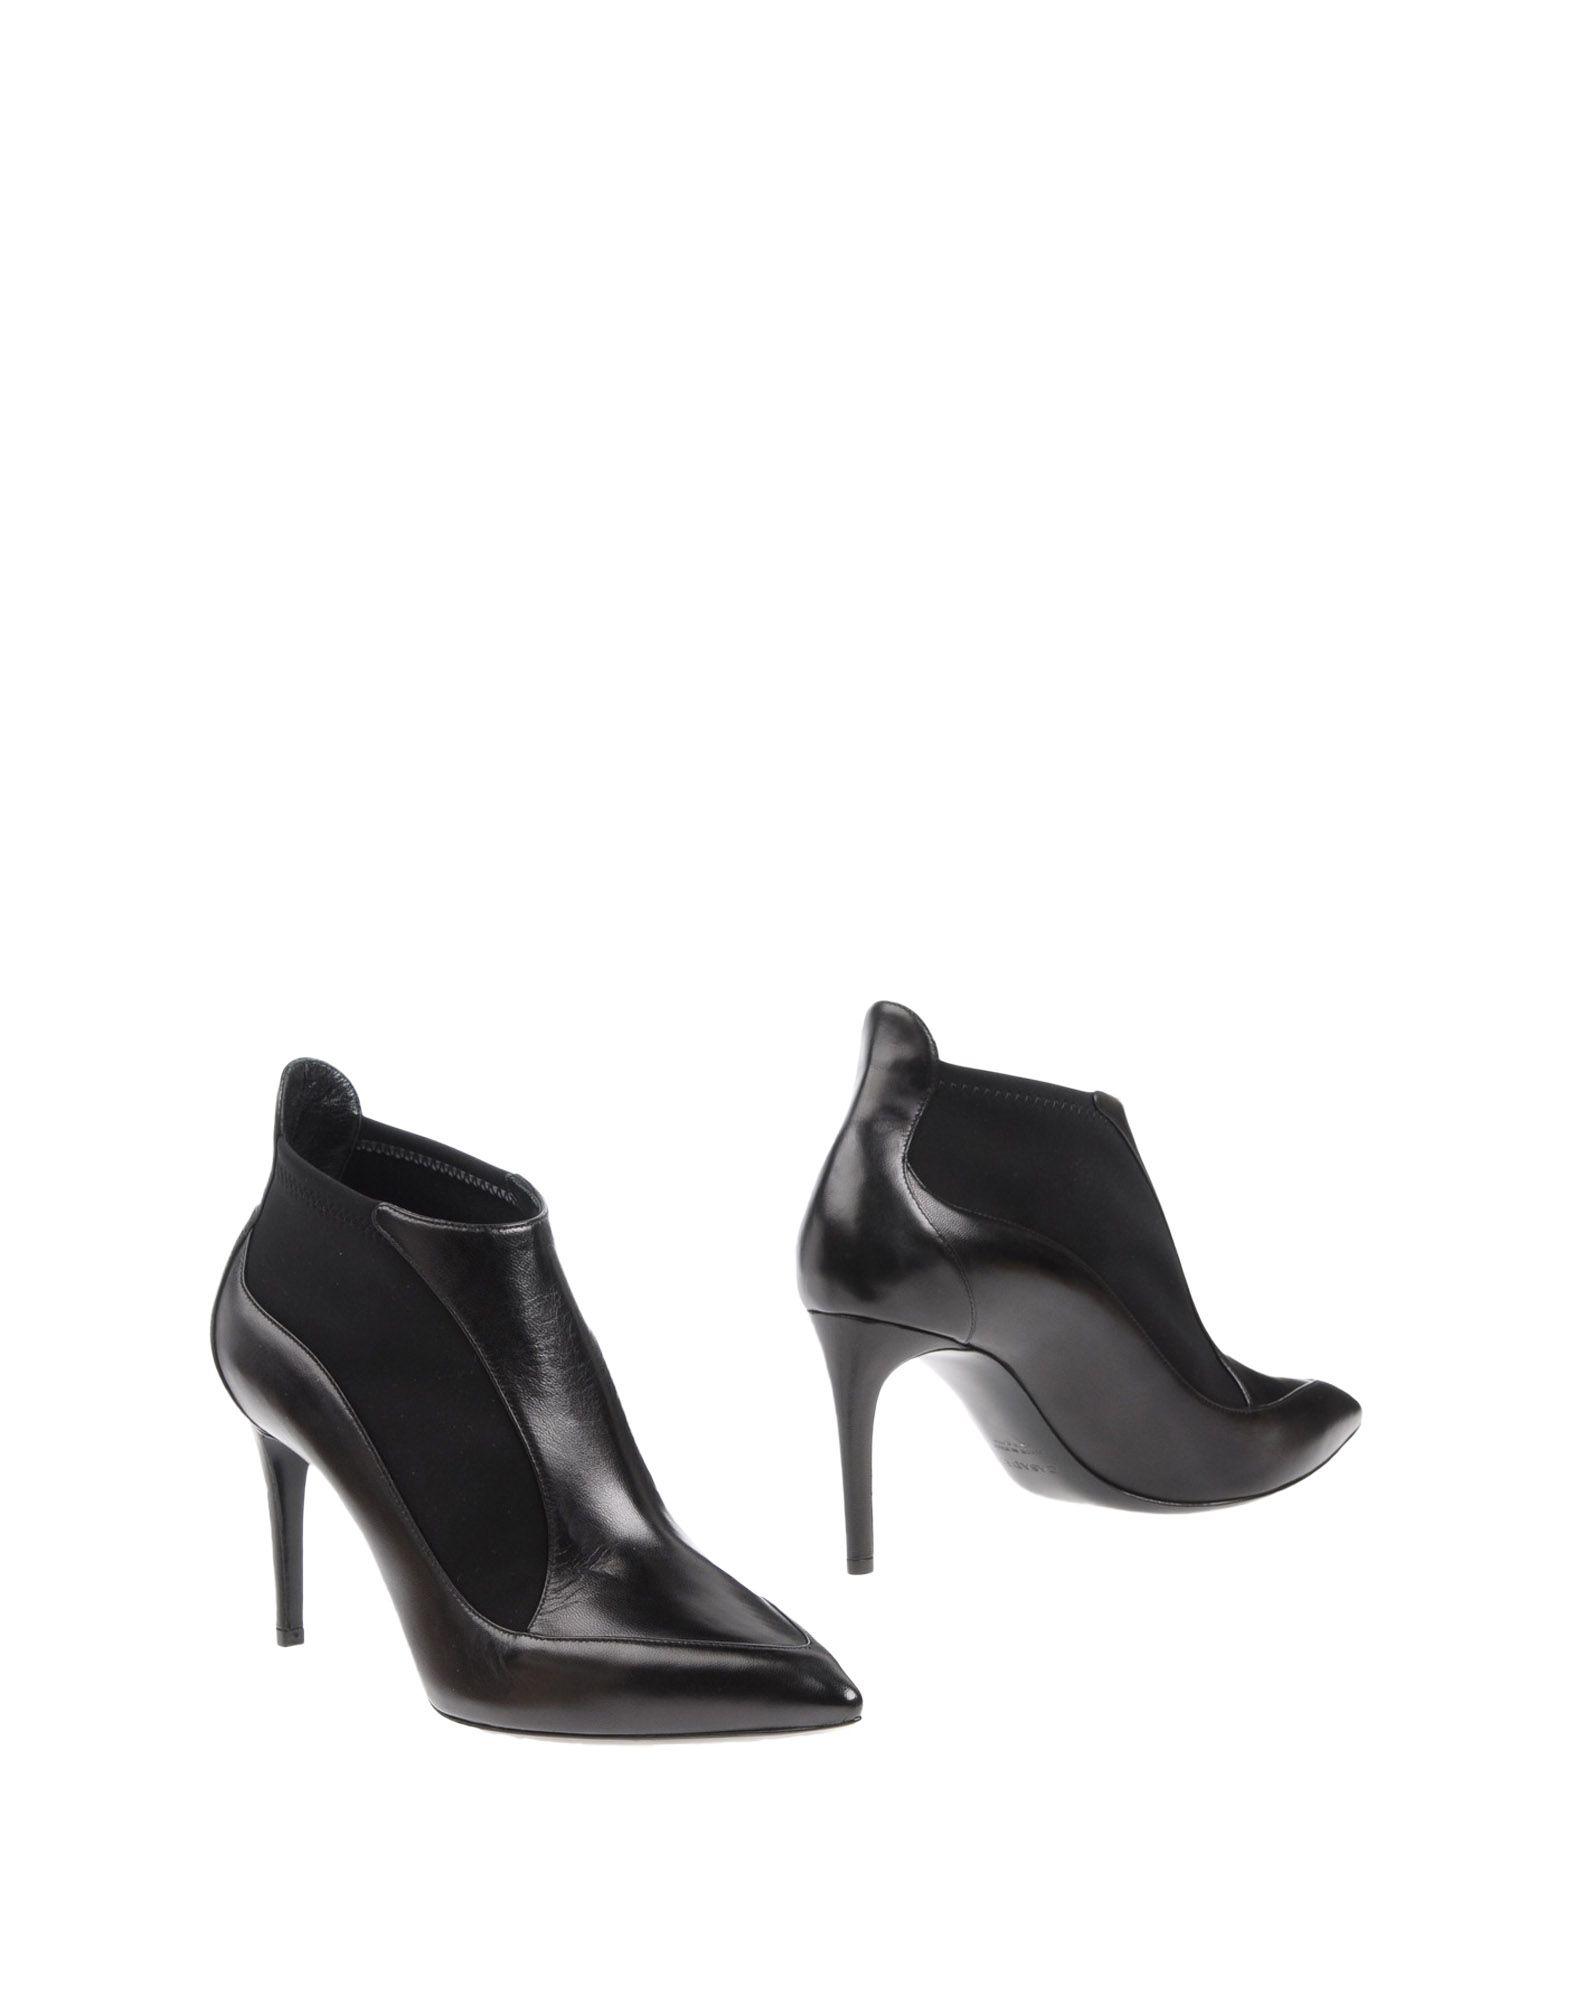 Casadei Stiefelette Damen  11309187TCGünstige gut aussehende Schuhe